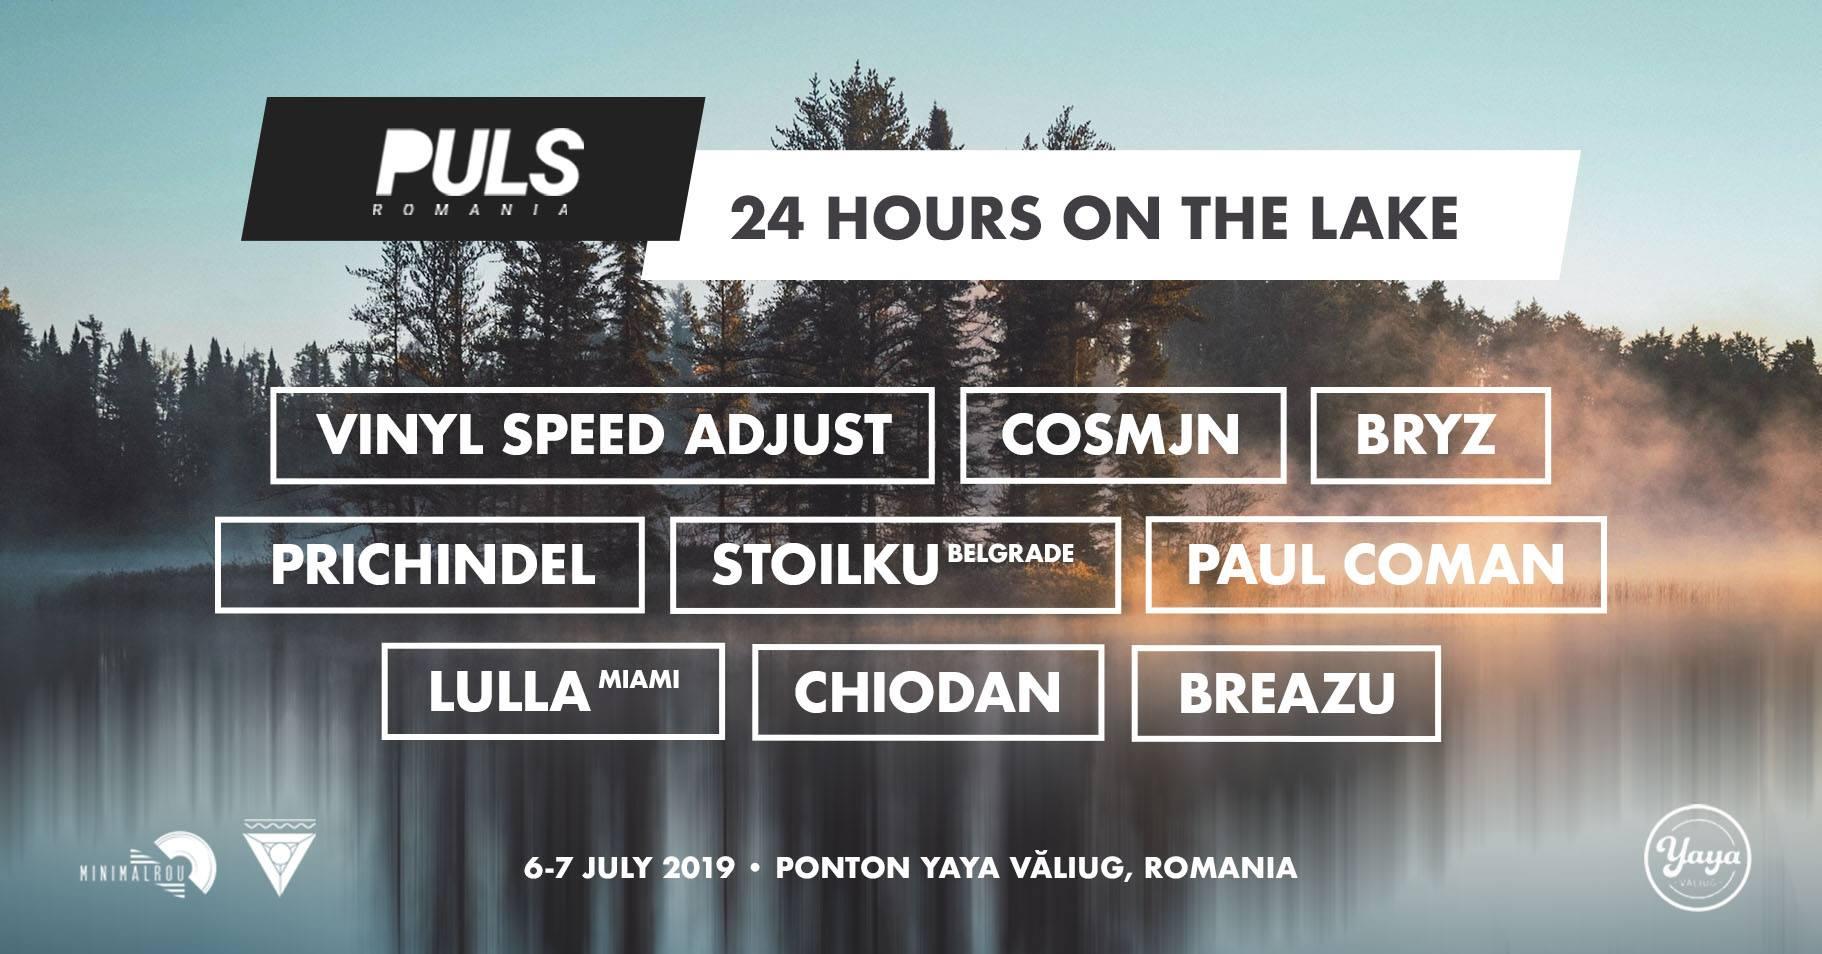 Puls_Romania